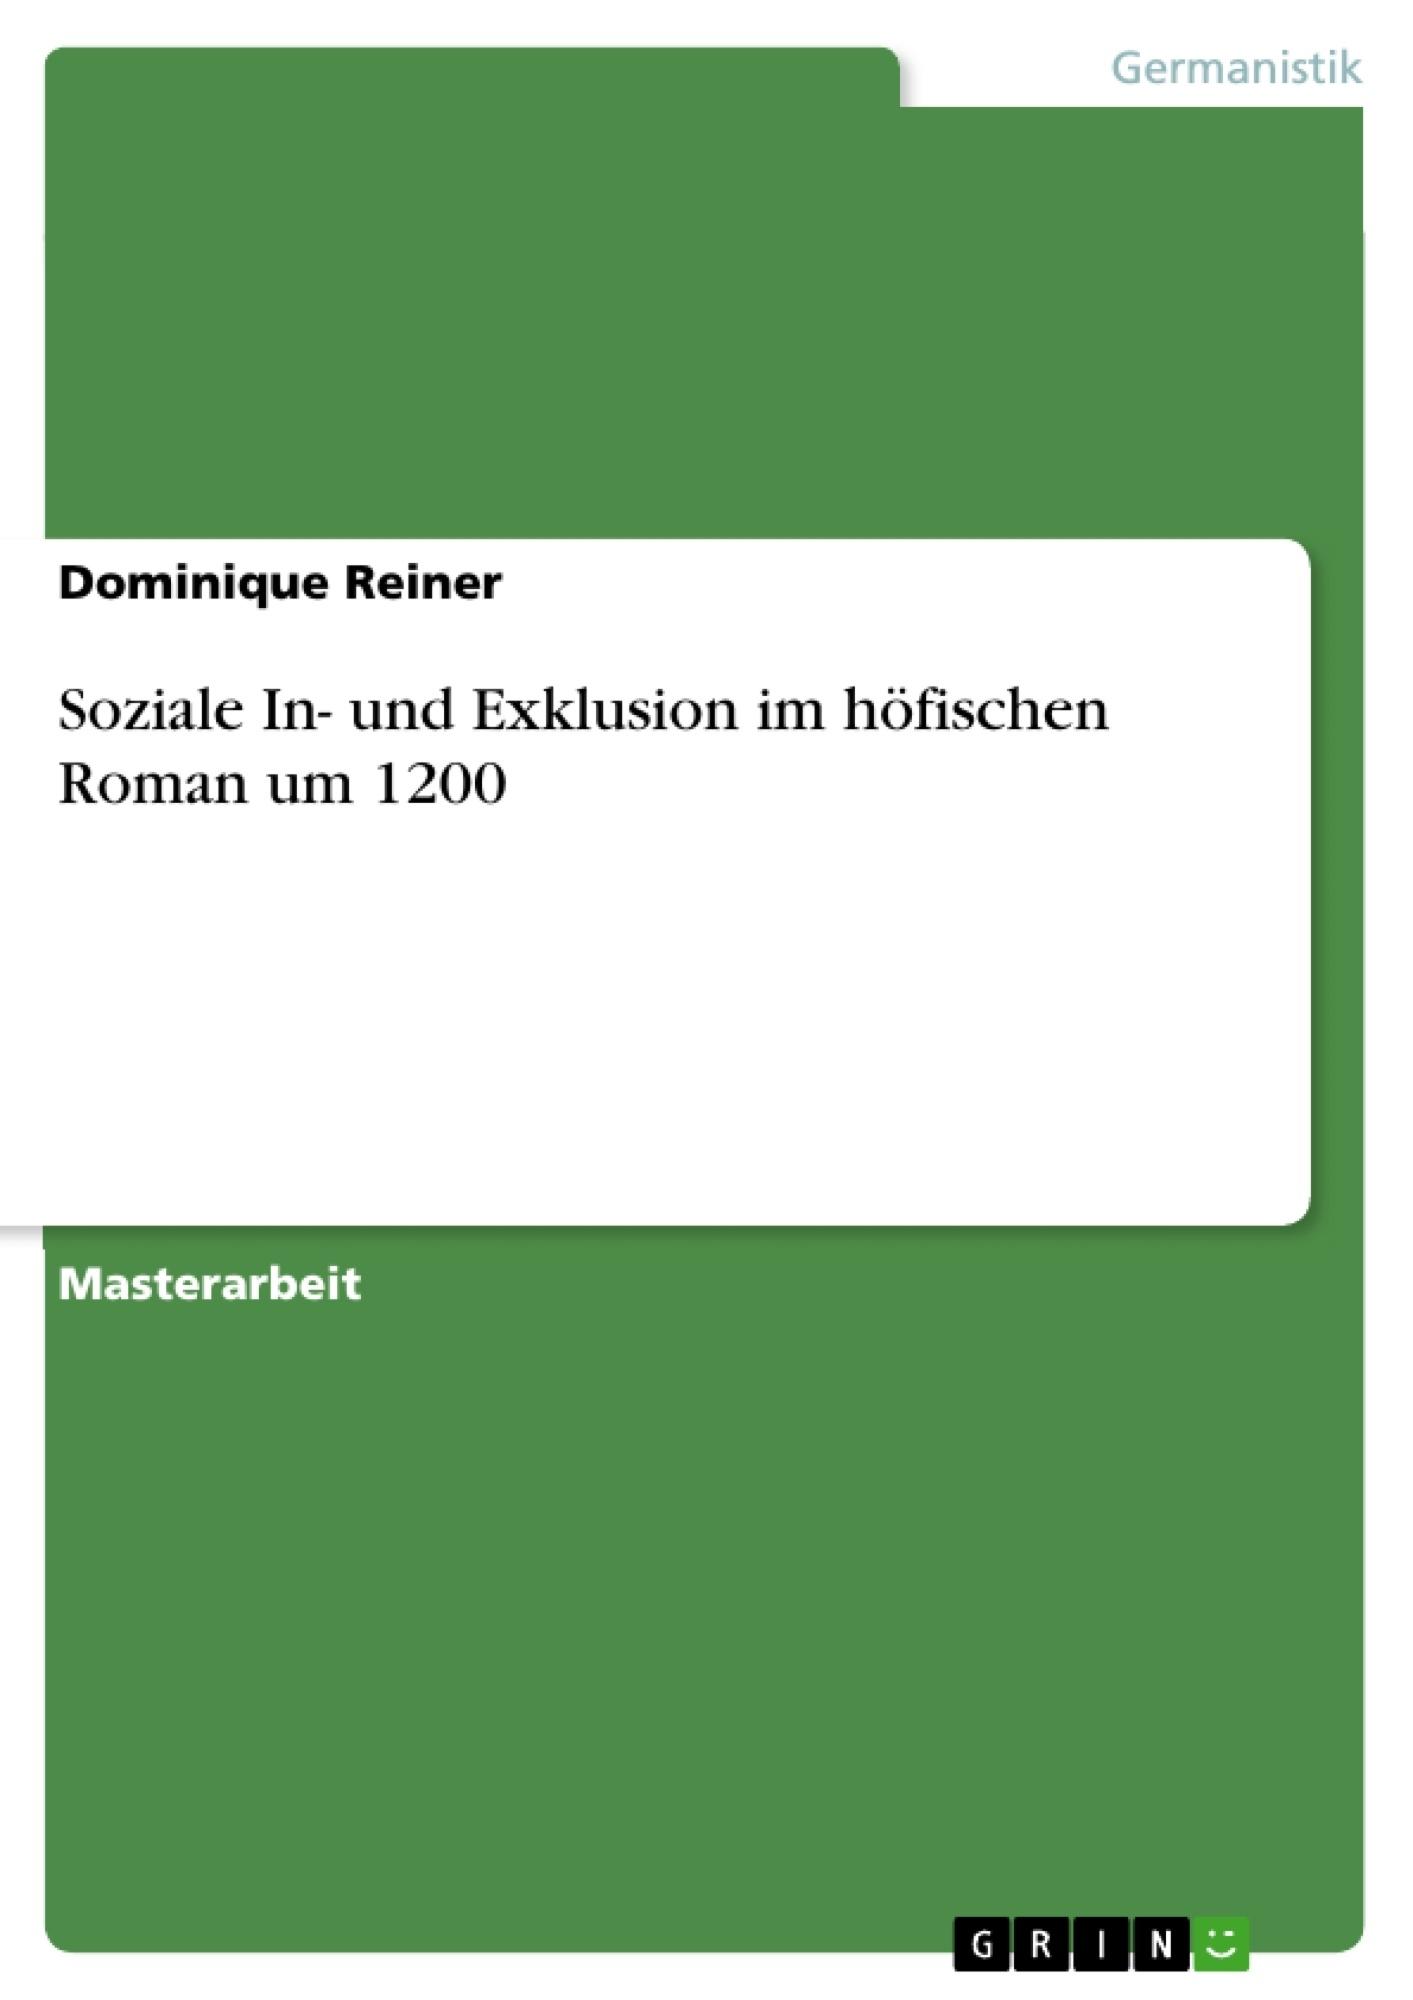 Titel: Soziale In- und Exklusion im höfischen Roman um 1200